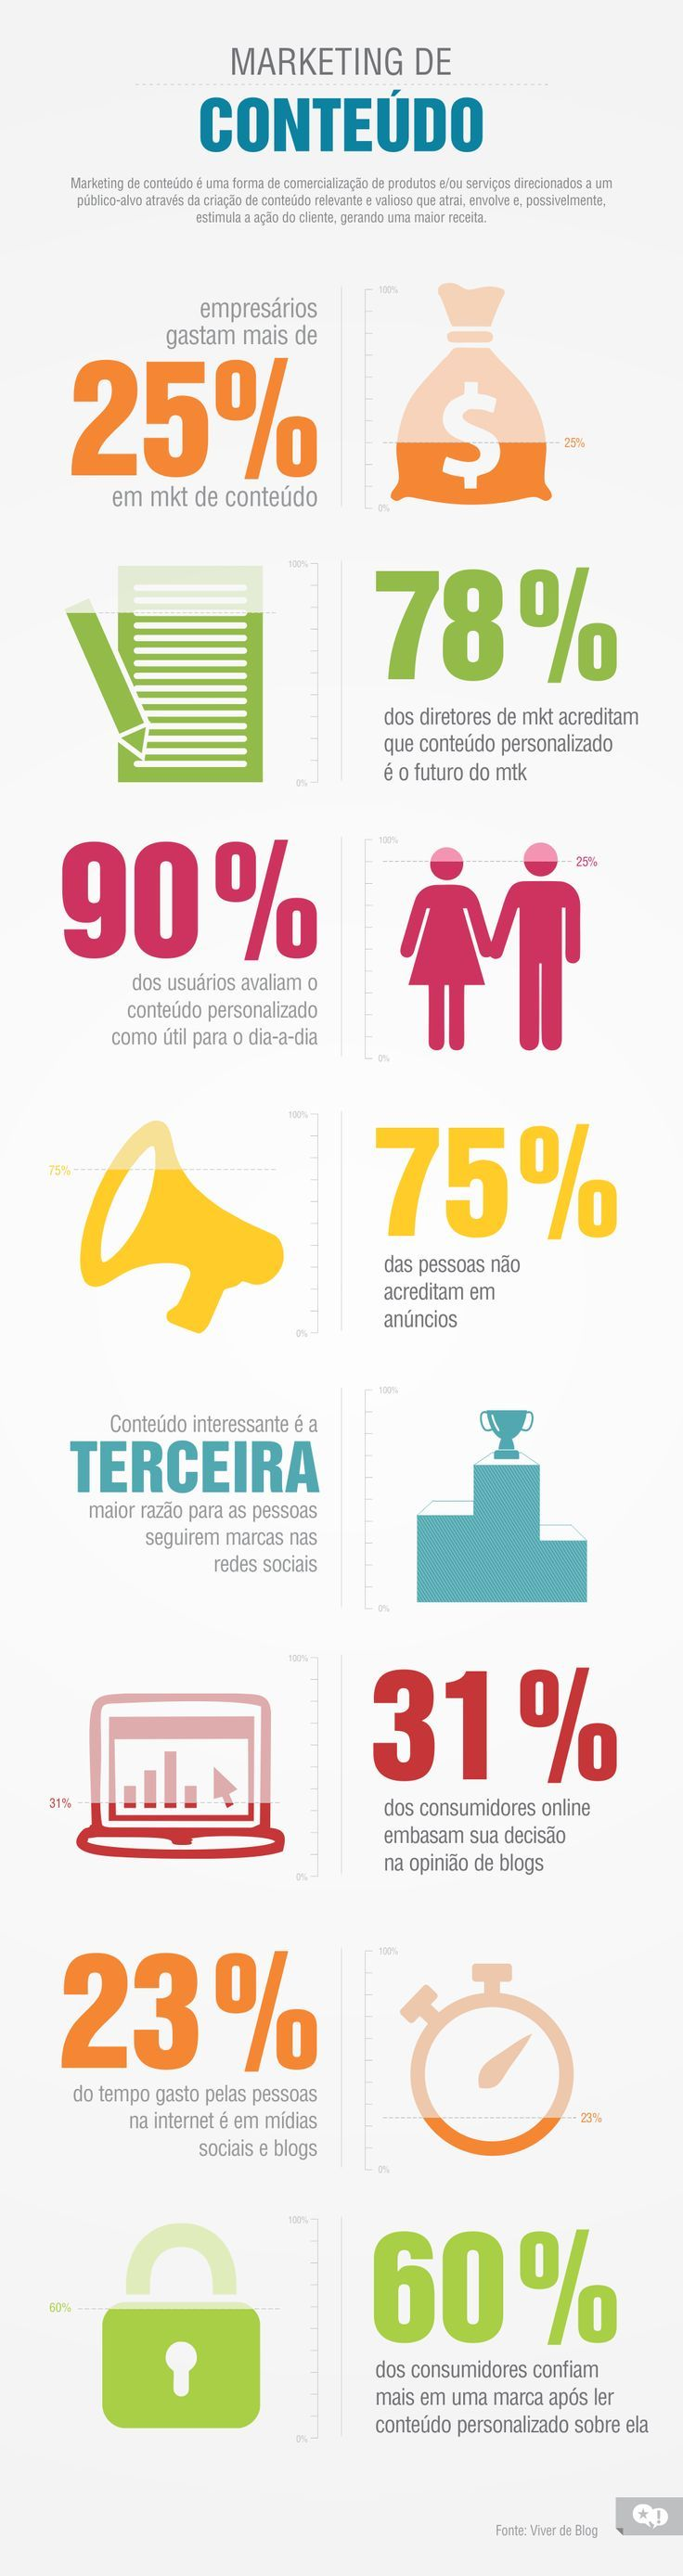 Dados sobre #marketing de conteúdo #infografico #consumer  #marketingdigital #marketingdeconteudo #infograficos #brasil #modernistablog